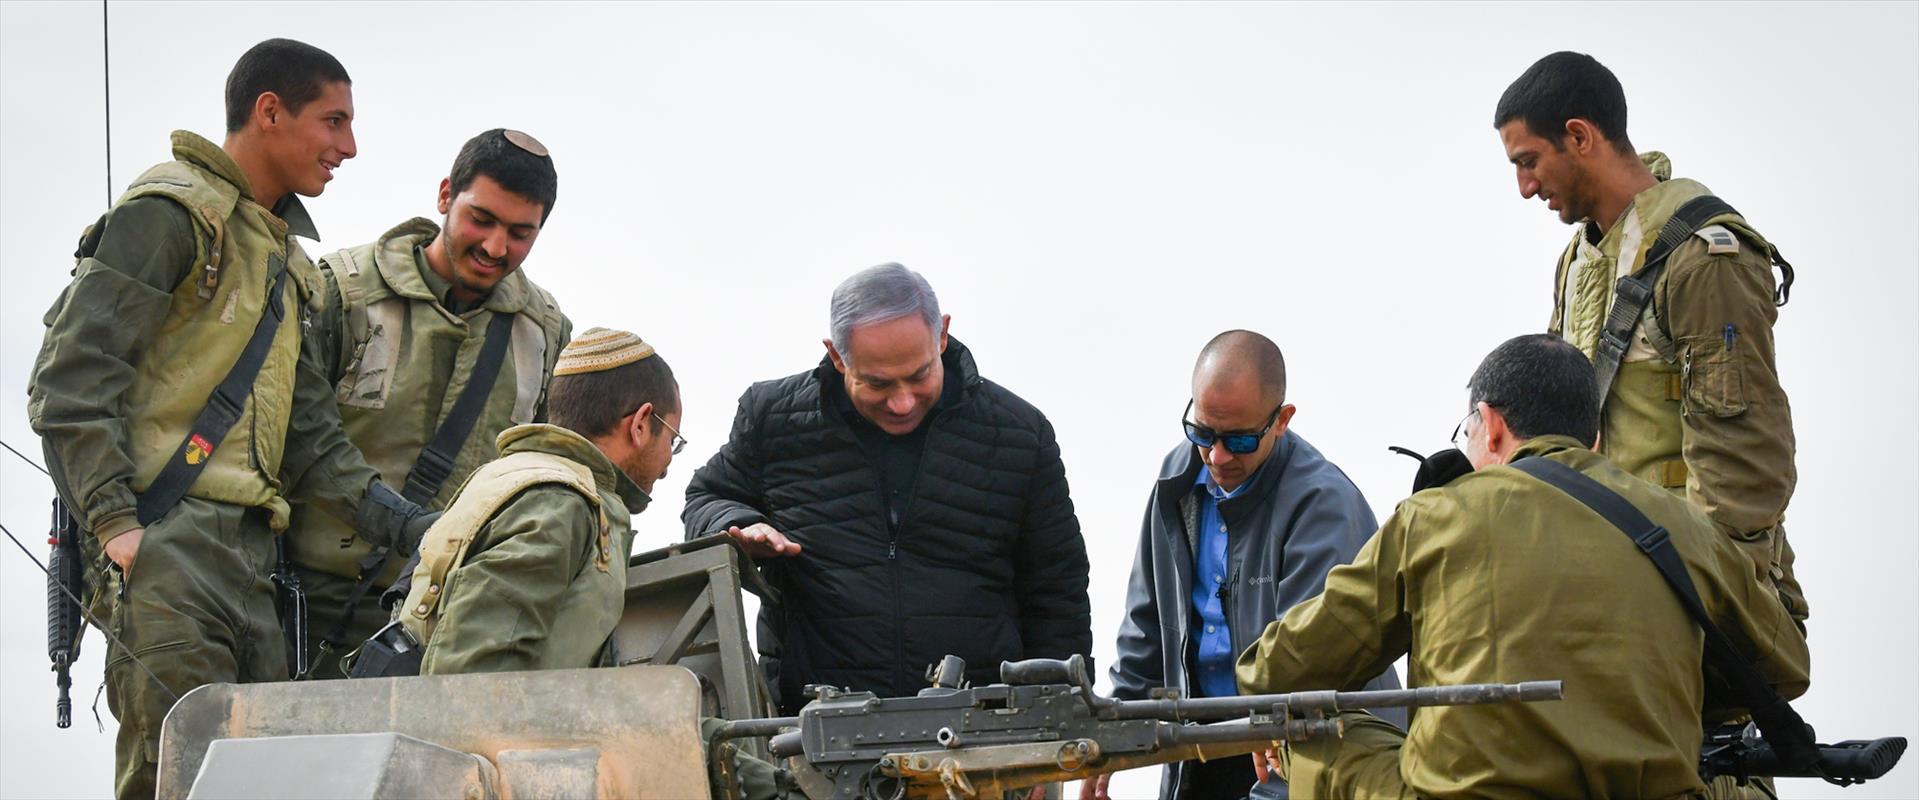 """נתניהו במהלך ביקור עם חיילי צה""""ל"""